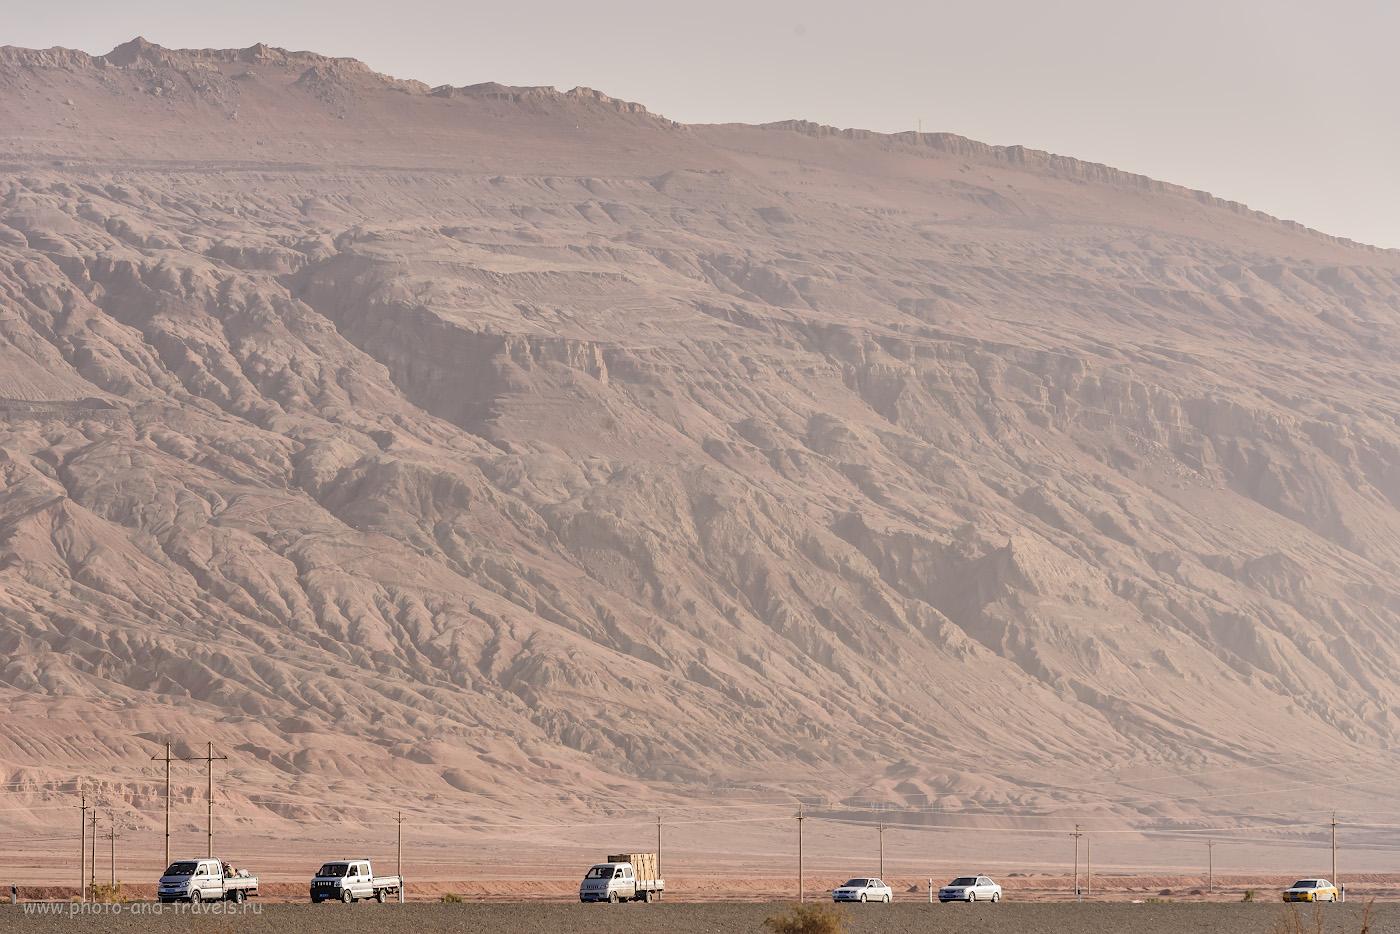 Фото 7. Пылающие горы, в окрестностях которых расположен город Турфан. Экскурсии в Китае. Отзывы туристов. 1/800, +0.33, 9.0, 500, 165.